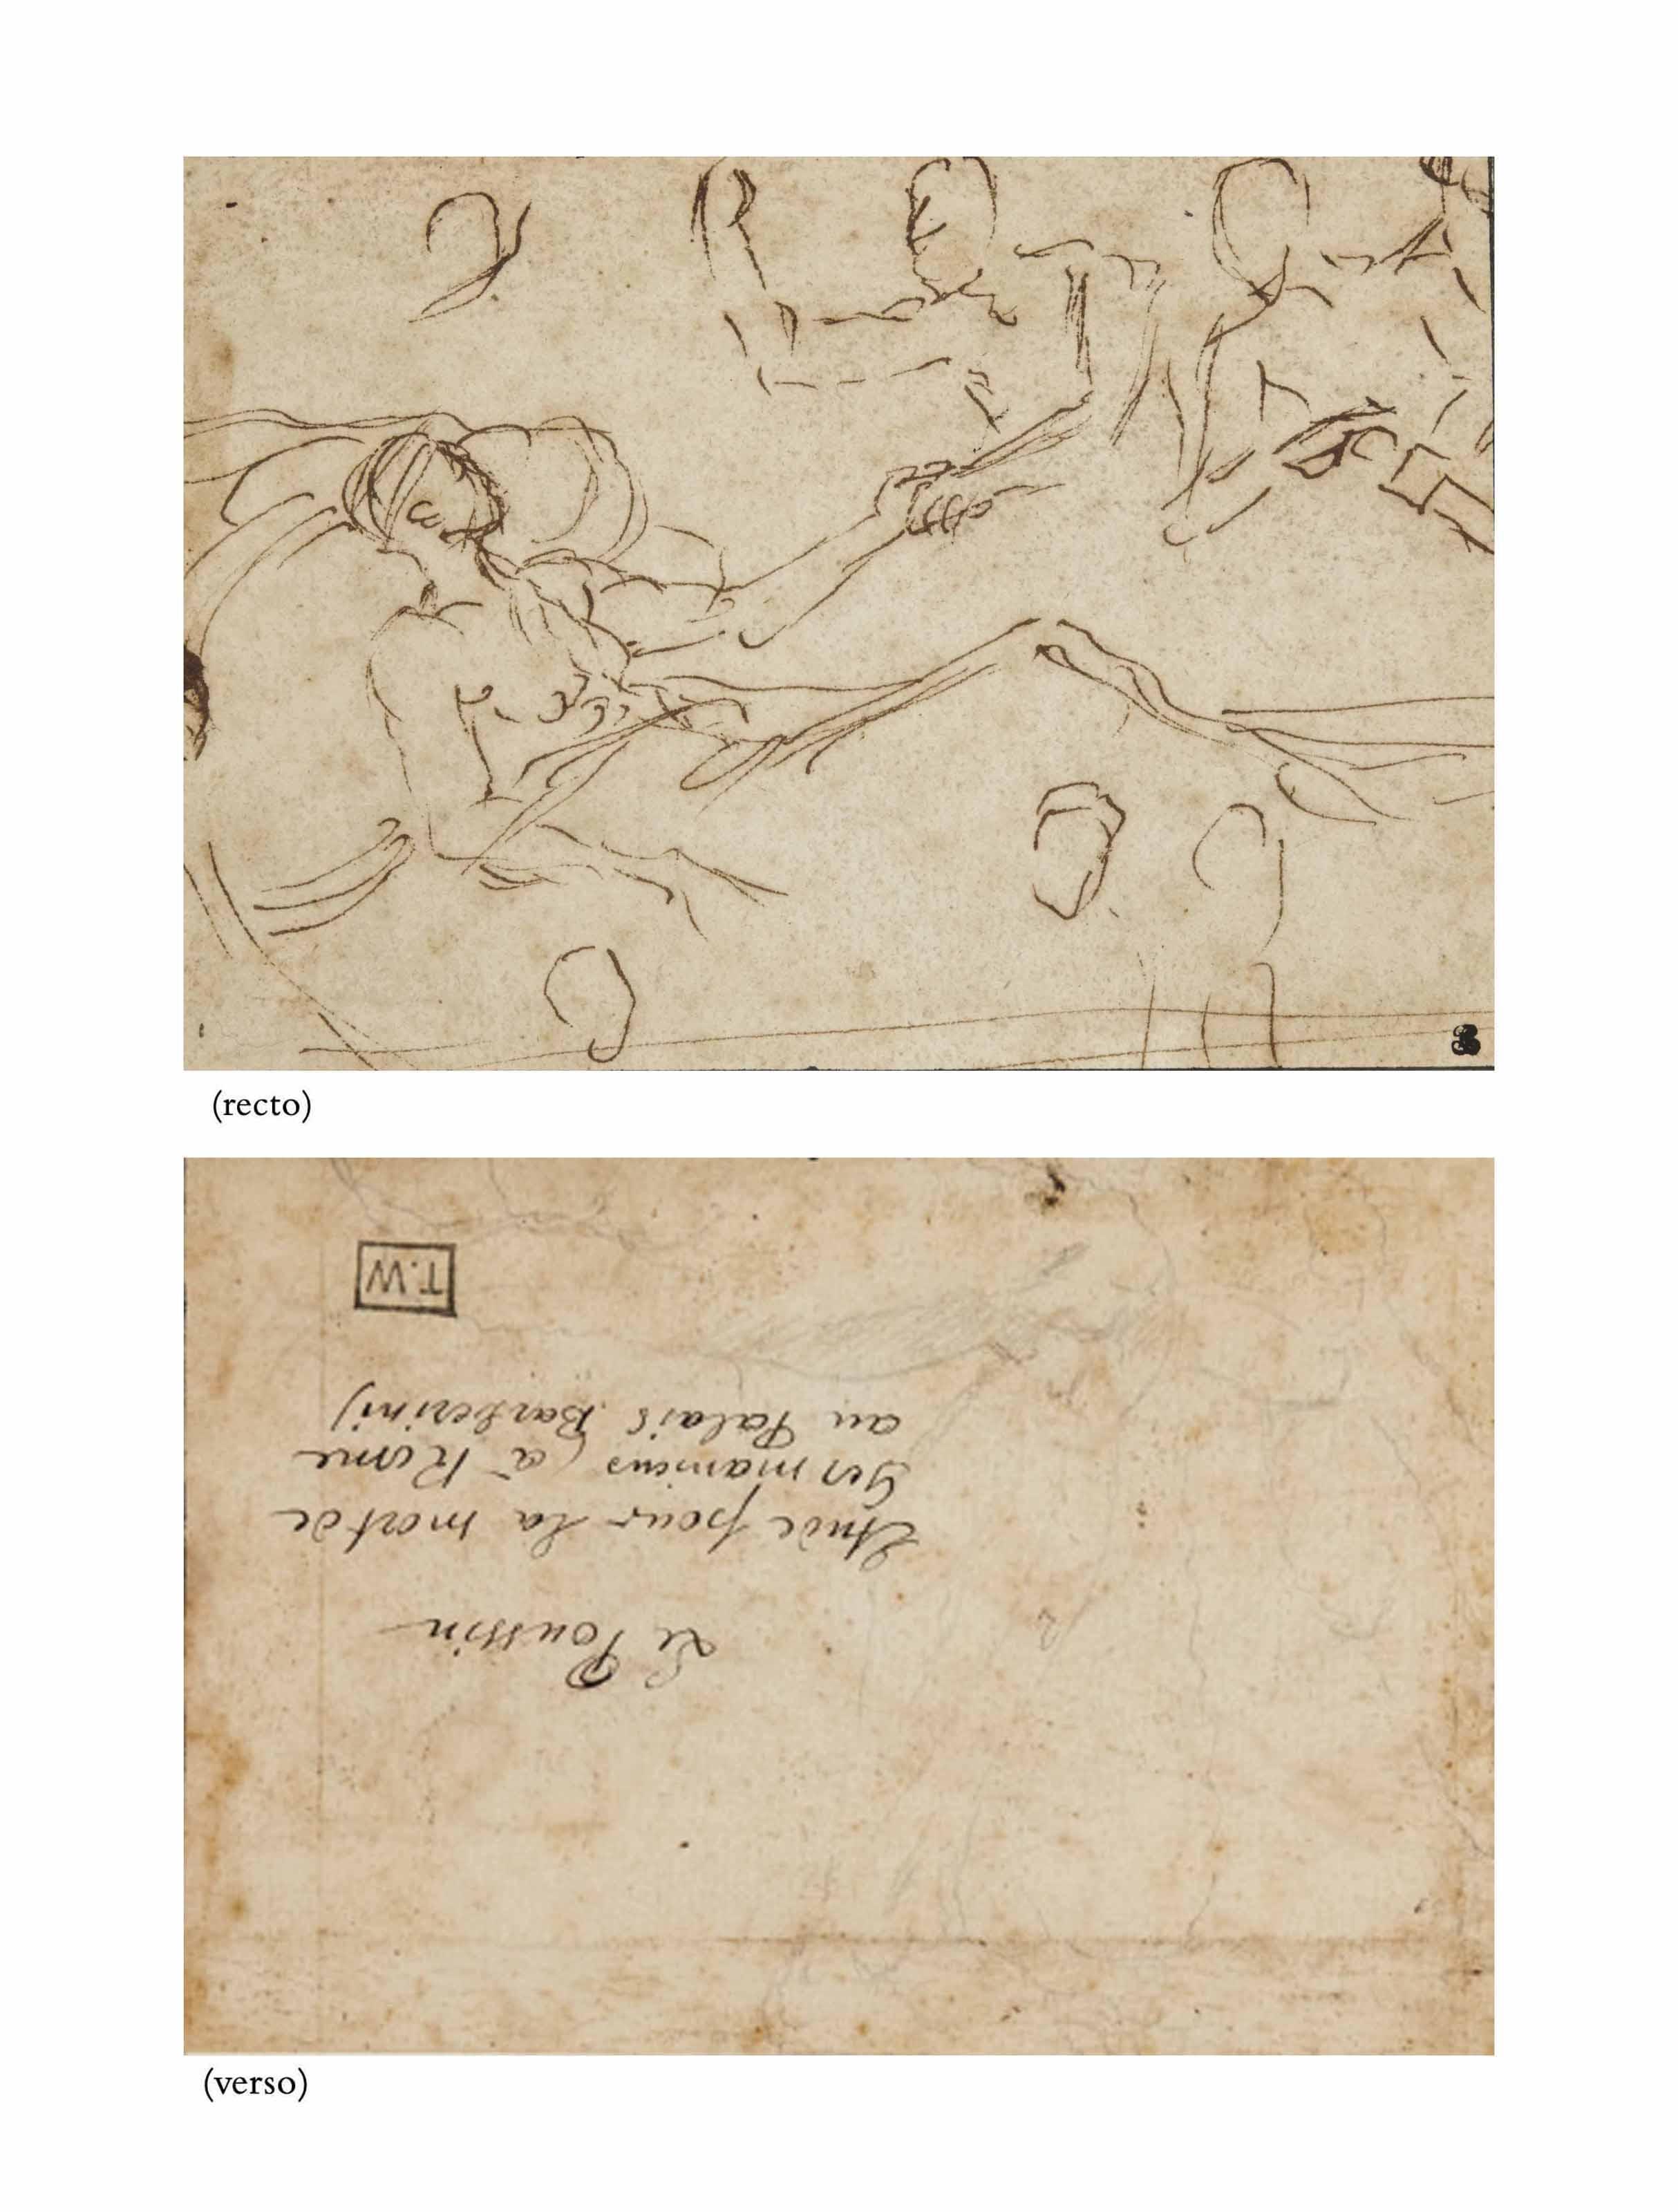 nicolas poussin les andelys 1594 1665 rome un homme allong sur un lit deux hommes debout. Black Bedroom Furniture Sets. Home Design Ideas